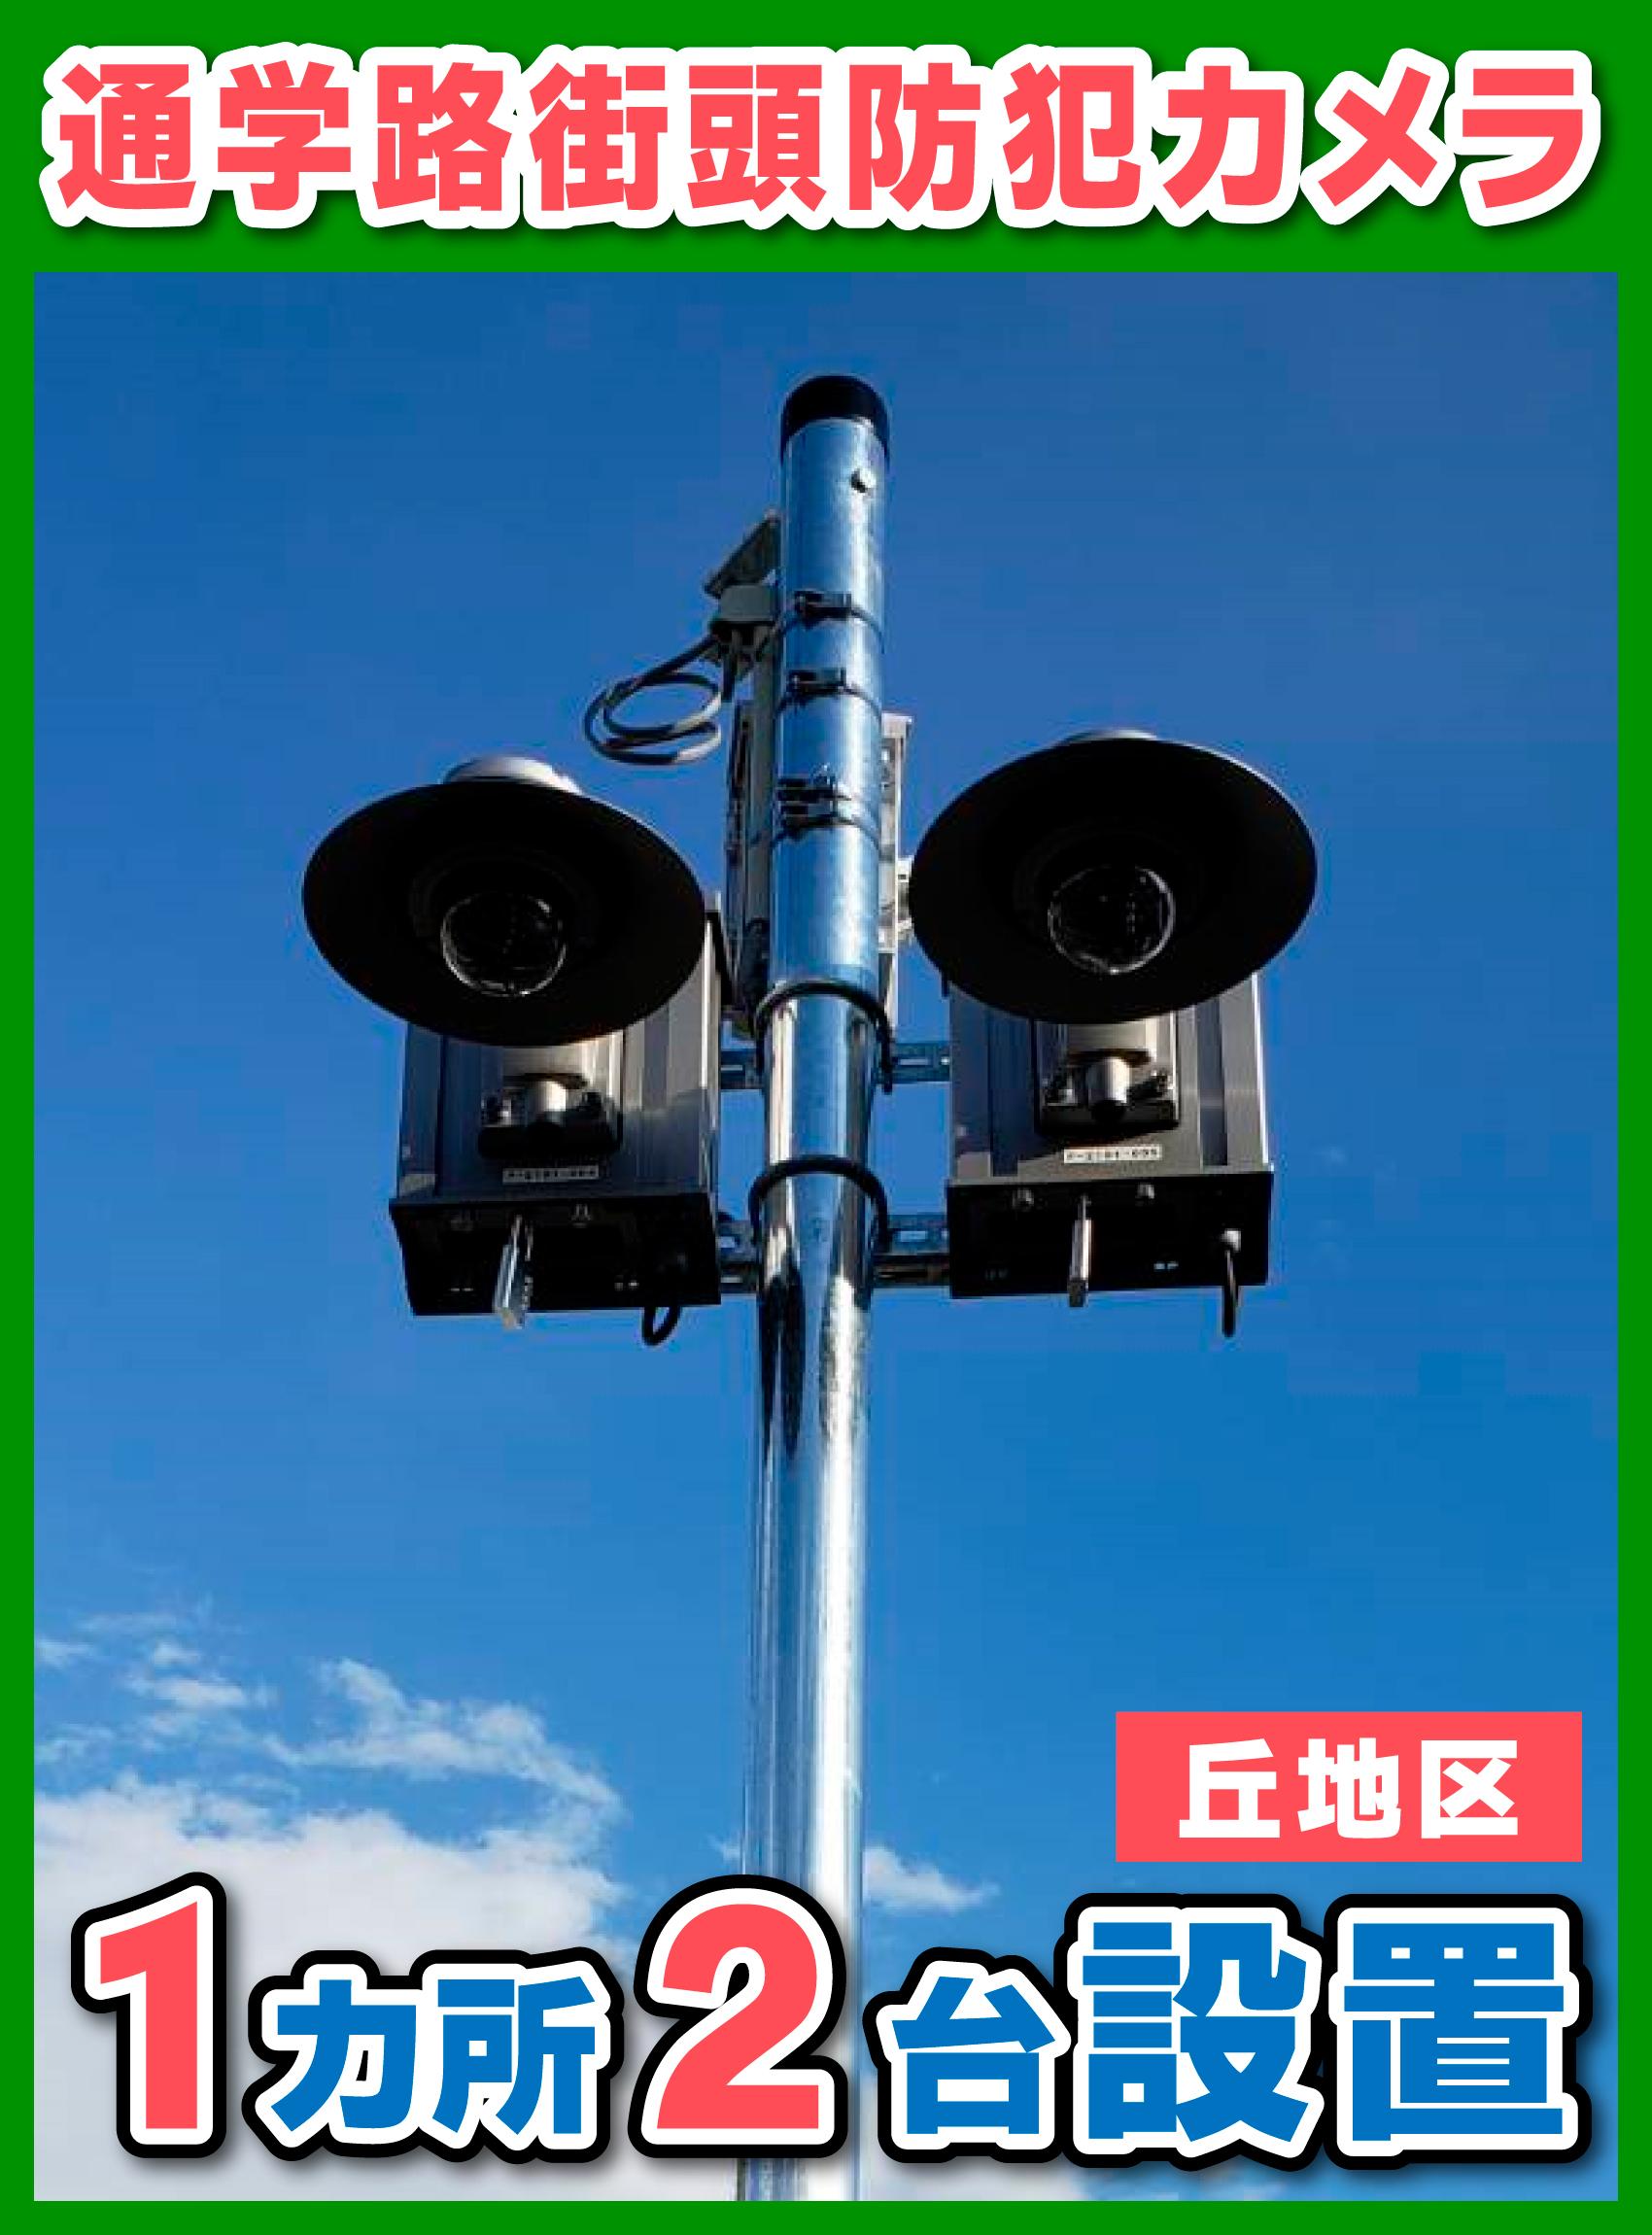 【街頭防犯カメラシリーズ】丘地区様